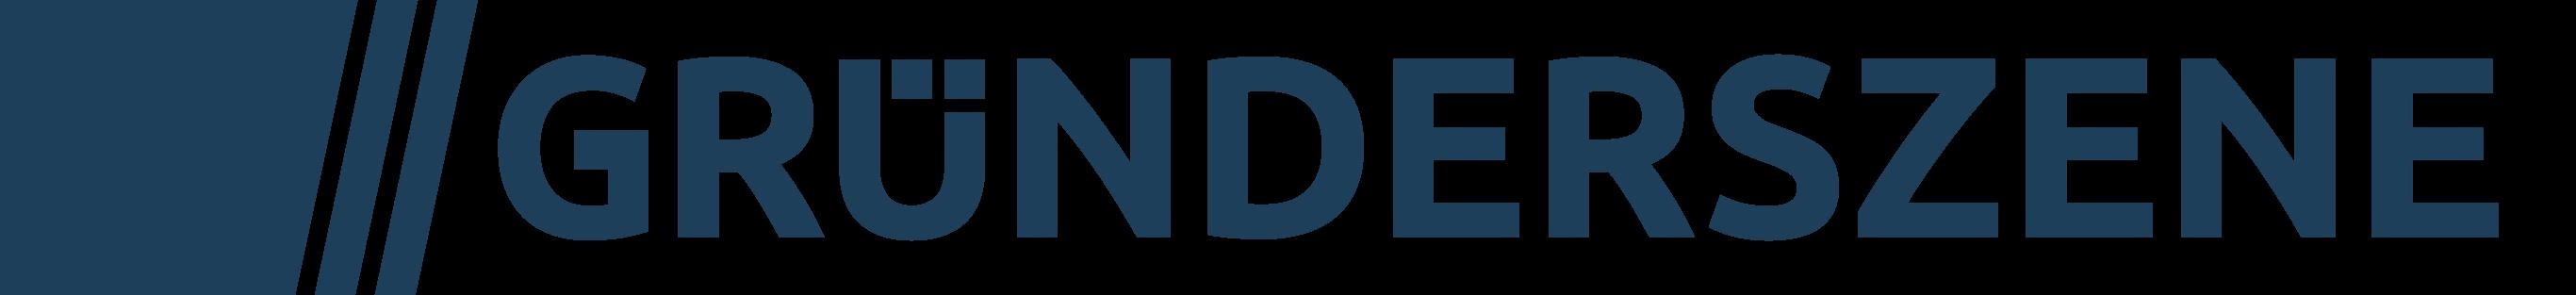 Gründerszene-Logo